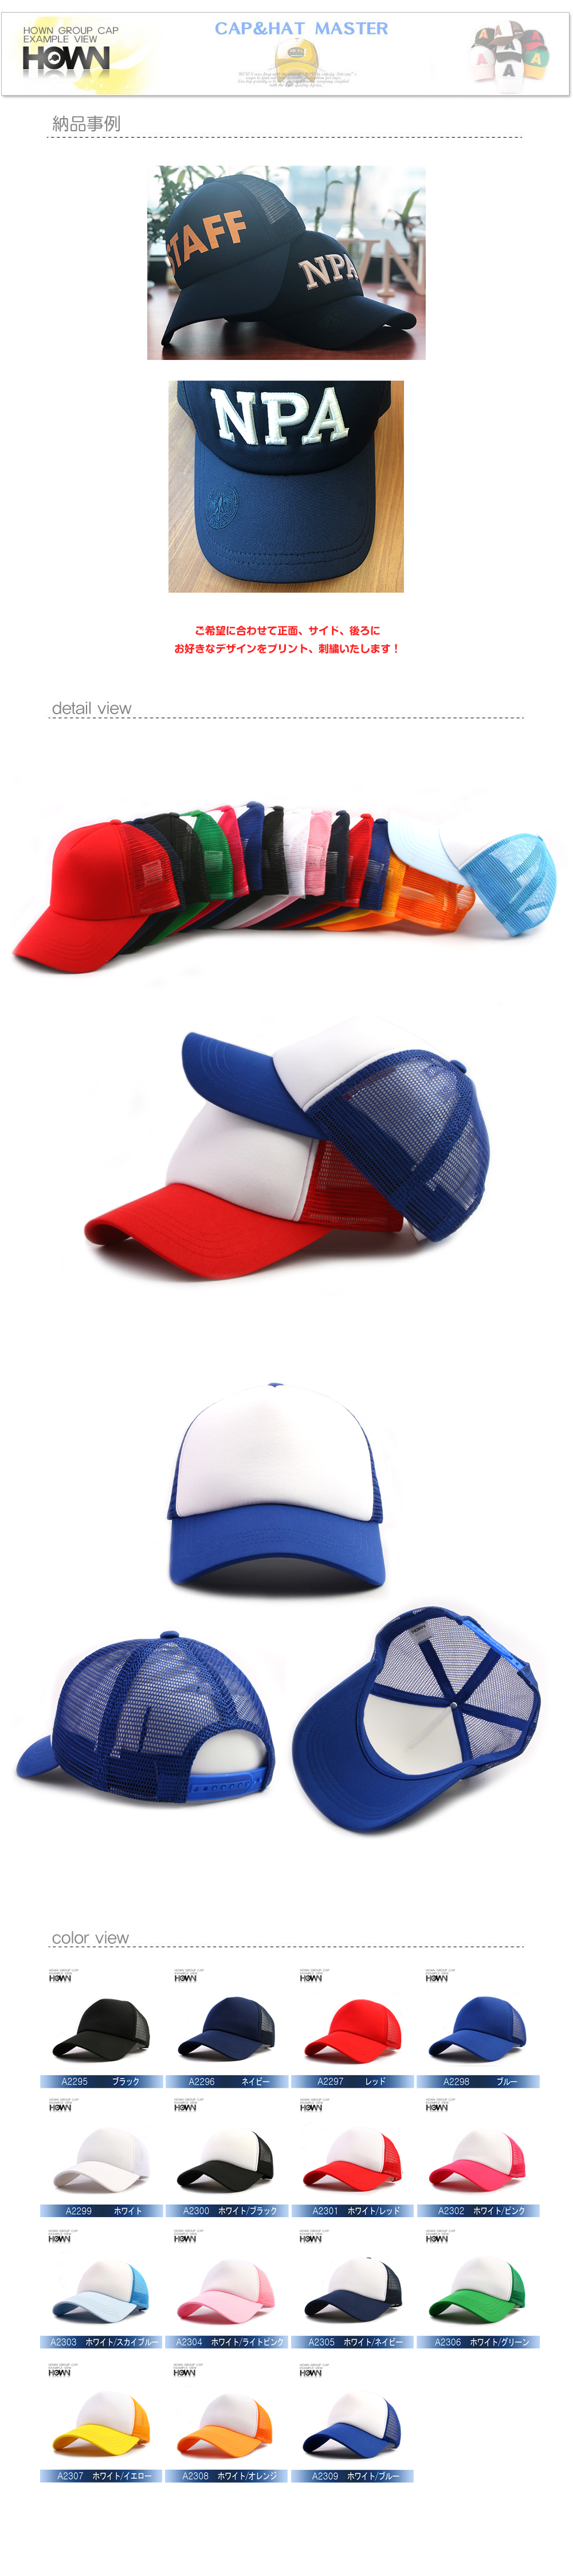 スポンジメッシュキャップ 1点から製作可能!名前入れ 刺繍 プリント オリジナルキャップ イベント用 野球帽 学校行事 サークル 大人気!イベントキャップに刺繍・プリントをしてオリジナルキャップを作ろう